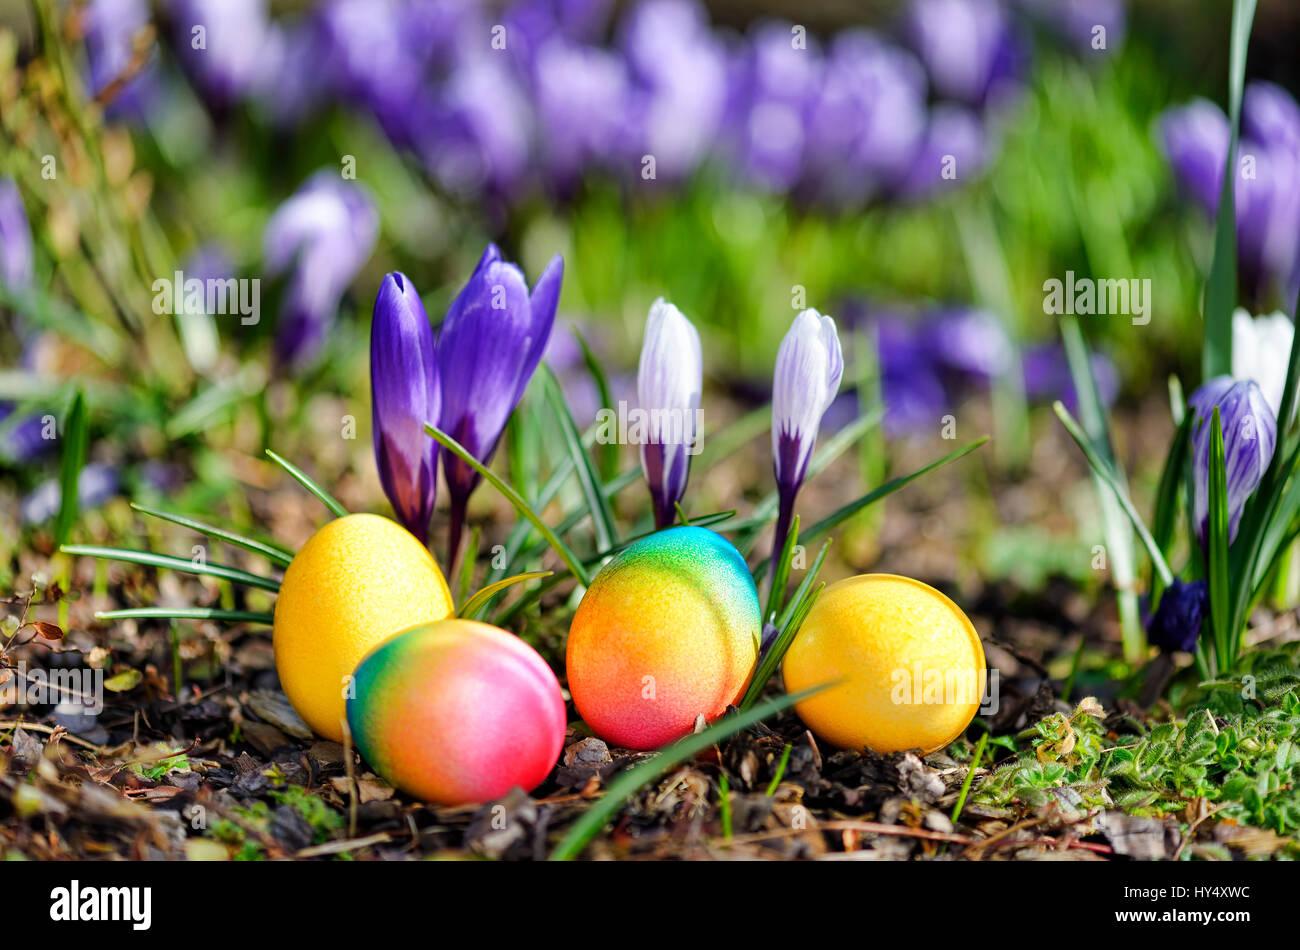 Easter eggs before blossoming crocuses, Ostereier vor bluehenden Krokussen Stock Photo